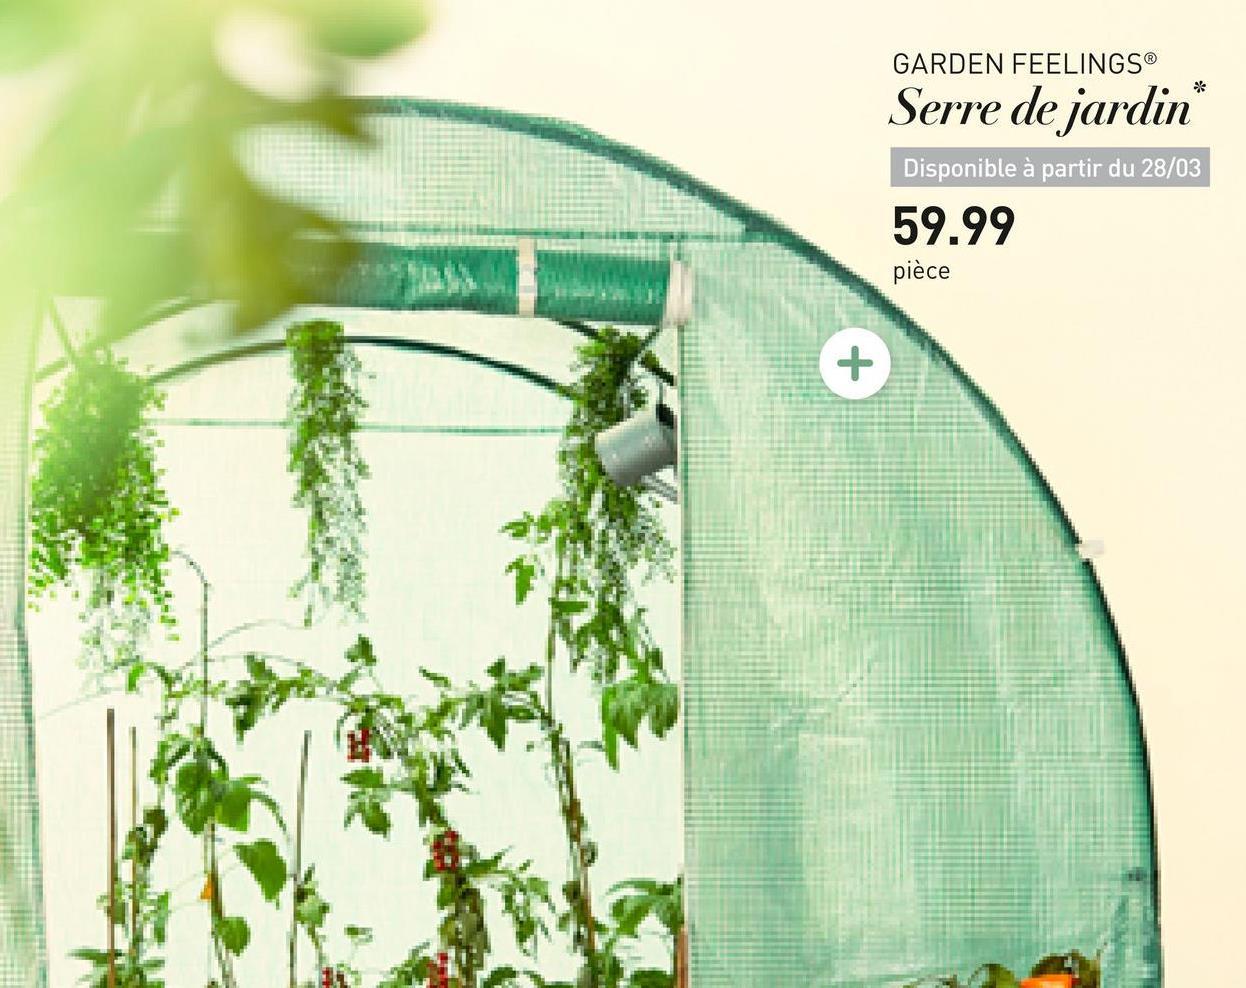 GARDEN FEELINGS® Serre de jardin Disponible à partir du 28/03 59.99 pièce